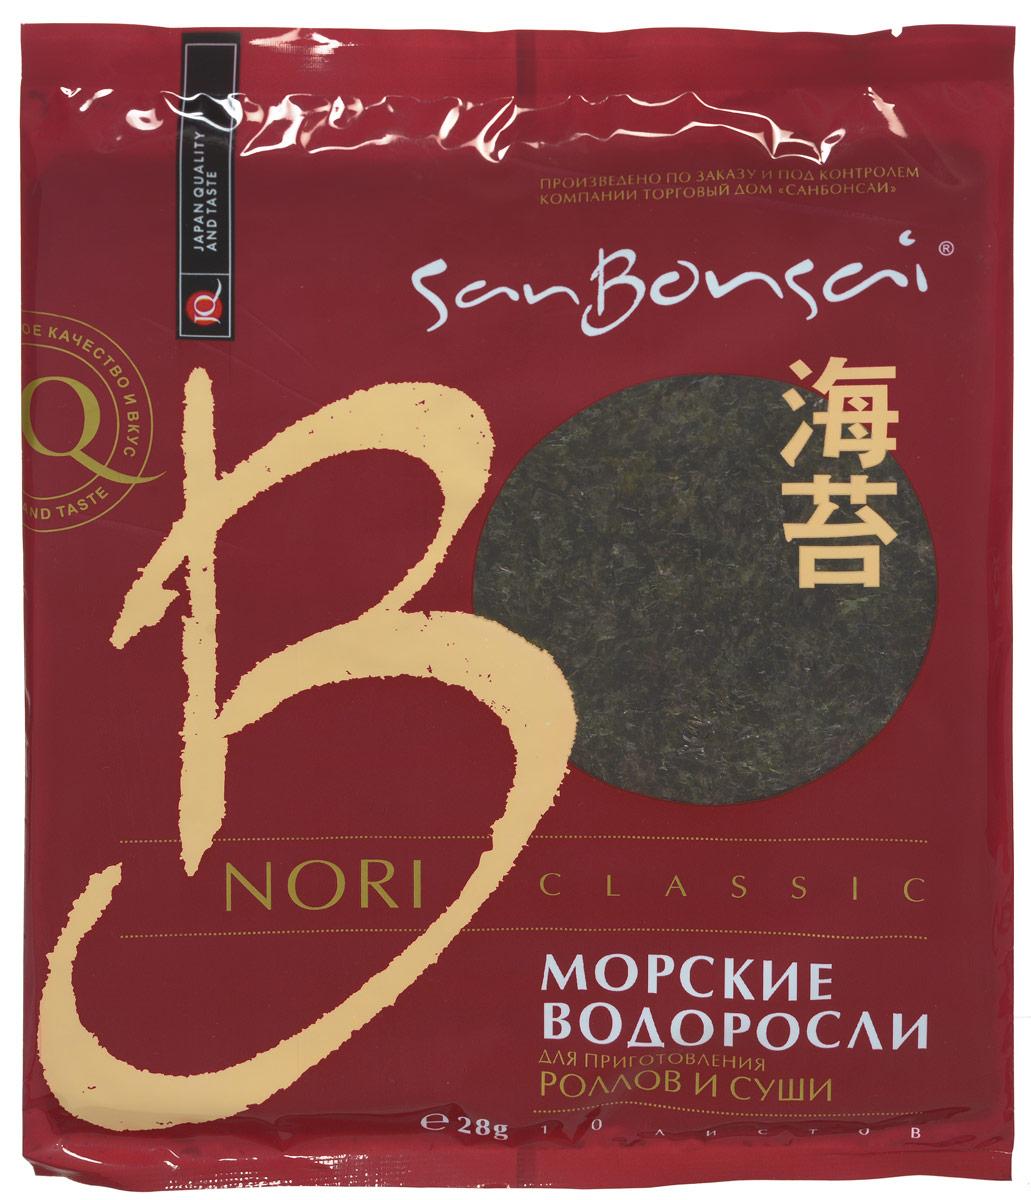 SanBonsai Nori Classic морские водоросли для роллов и суши, 28 г (10 листов)8257SanBonsai Nori Classic - морские водоросли для роллов и суши. Нори изготовлены из измельченных, а затем высушенных на сетке водорослей без каких-либо добавок. Листы нори используются для приготовления суши, роллов, гунканов, а также как ингредиент для Азиатских первых и вторых блюд. Морские водоросли SanBonsai высокого качества - плотные, ровные, без просветов. Морские водоросли Нори SanBonsai Nori Classic содержат йод, растительный протеин, витамины и минералы. При регулярном употреблении нори в пищу замечено значительное снижение уровня холестерина в крови, что говорит о небольшой вероятности заболеть атеросклерозом. Наблюдения ученых показали, что водоросли обладают антираковыми свойствами, а также содействуют восстановлению иммунной системы. Польза водоросли нори заключается не только в способности выводить радиоактивные вещества и токсичные металлы из организма, но и укреплять сердечнососудистую систему. При заболеваниях щитовидной...